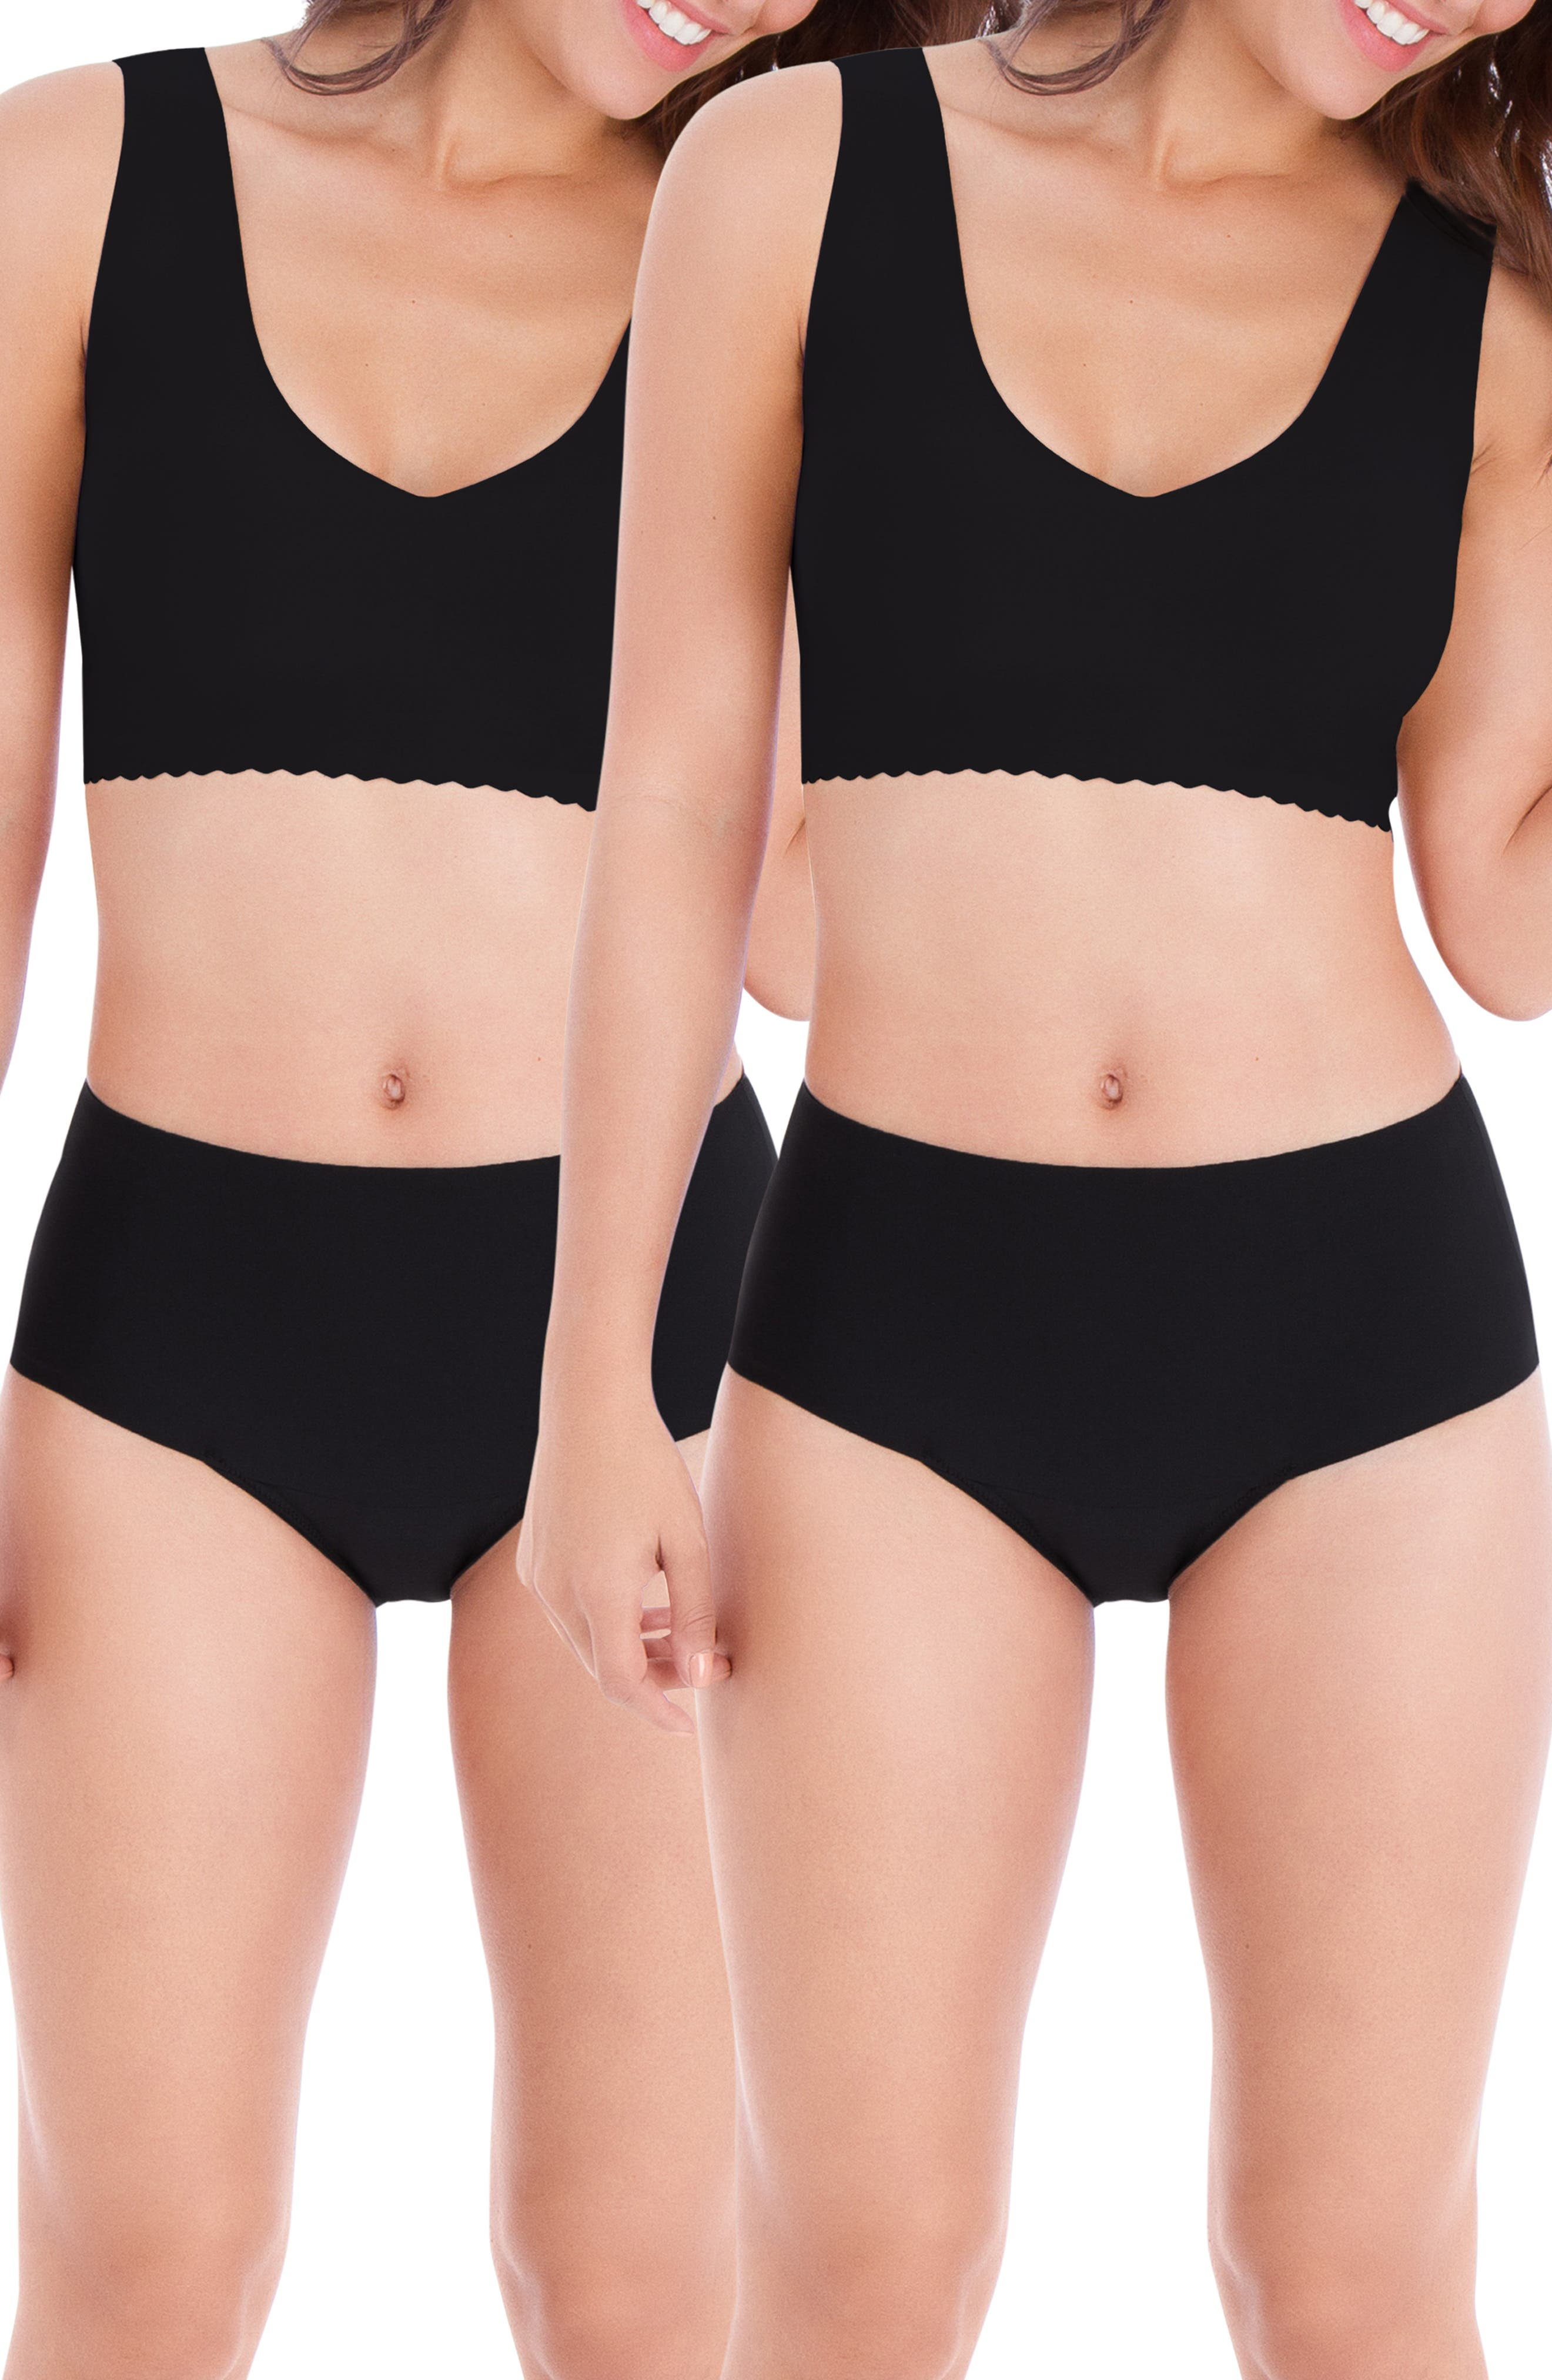 Women's Belly Bandit Mother Tucker 2-Pack Leak-Resistant Smoothing Panties